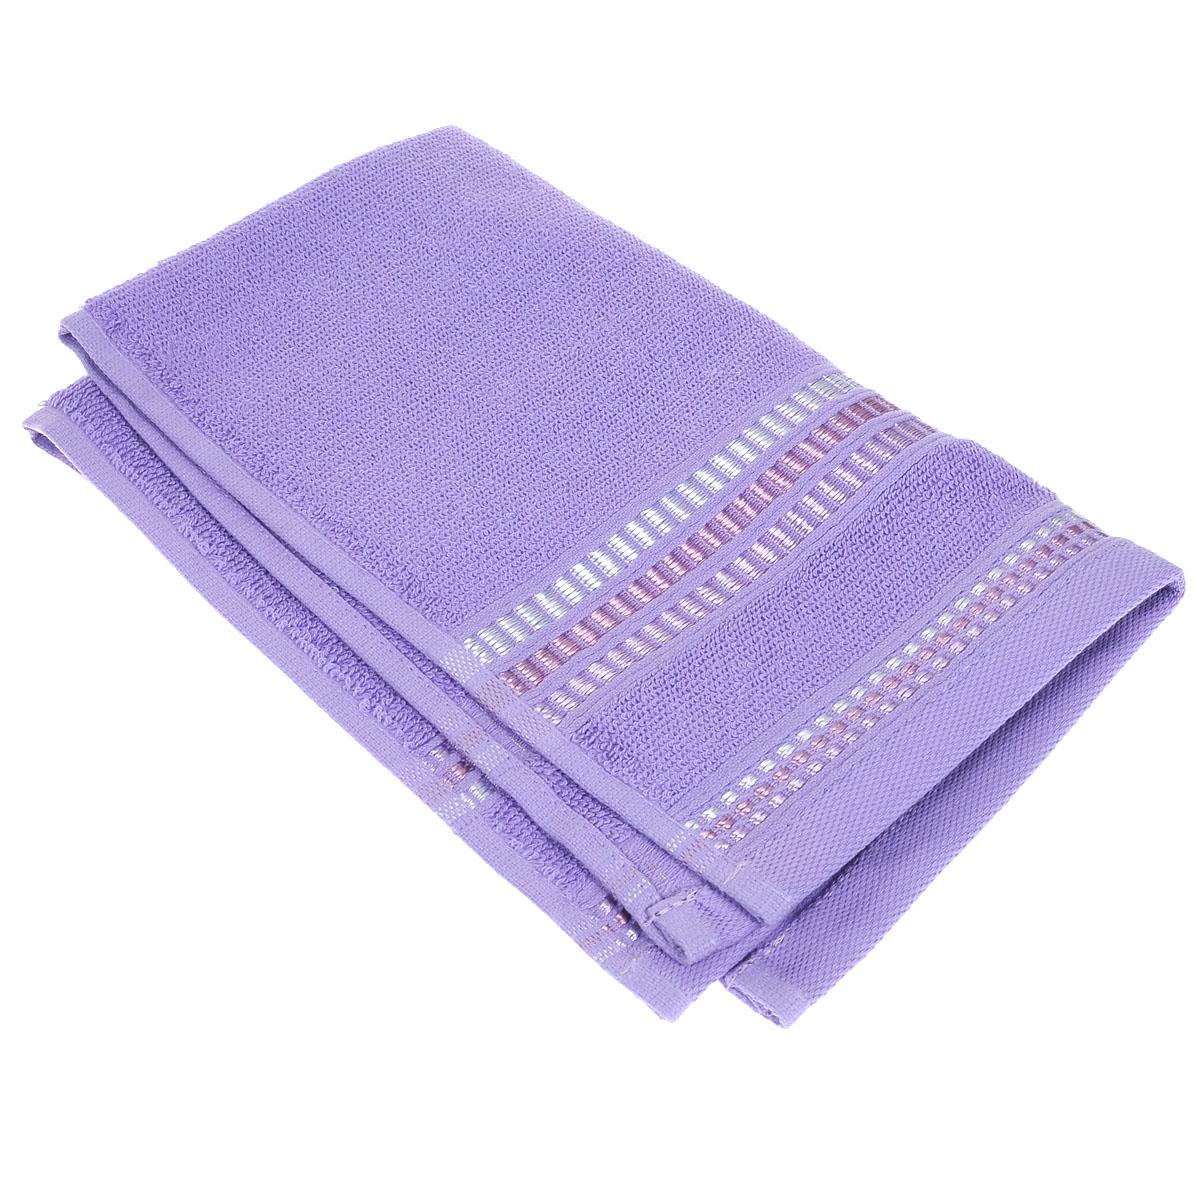 Полотенце махровое Coronet Пиано, цвет: светло-лиловый, 30 см х 50 см391602Махровое полотенце Coronet Пиано, изготовленное из натурального хлопка, подарит массу положительных эмоций и приятных ощущений. Полотенце отличается нежностью и мягкостью материала, утонченным дизайном и превосходным качеством. Оно прекрасно впитывает влагу, быстро сохнет и не теряет своих свойств после многократных стирок. Махровое полотенце Coronet Пиано станет достойным выбором для вас и приятным подарком для ваших близких. Мягкость и высокое качество материала, из которого изготовлены полотенца не оставит вас равнодушными.